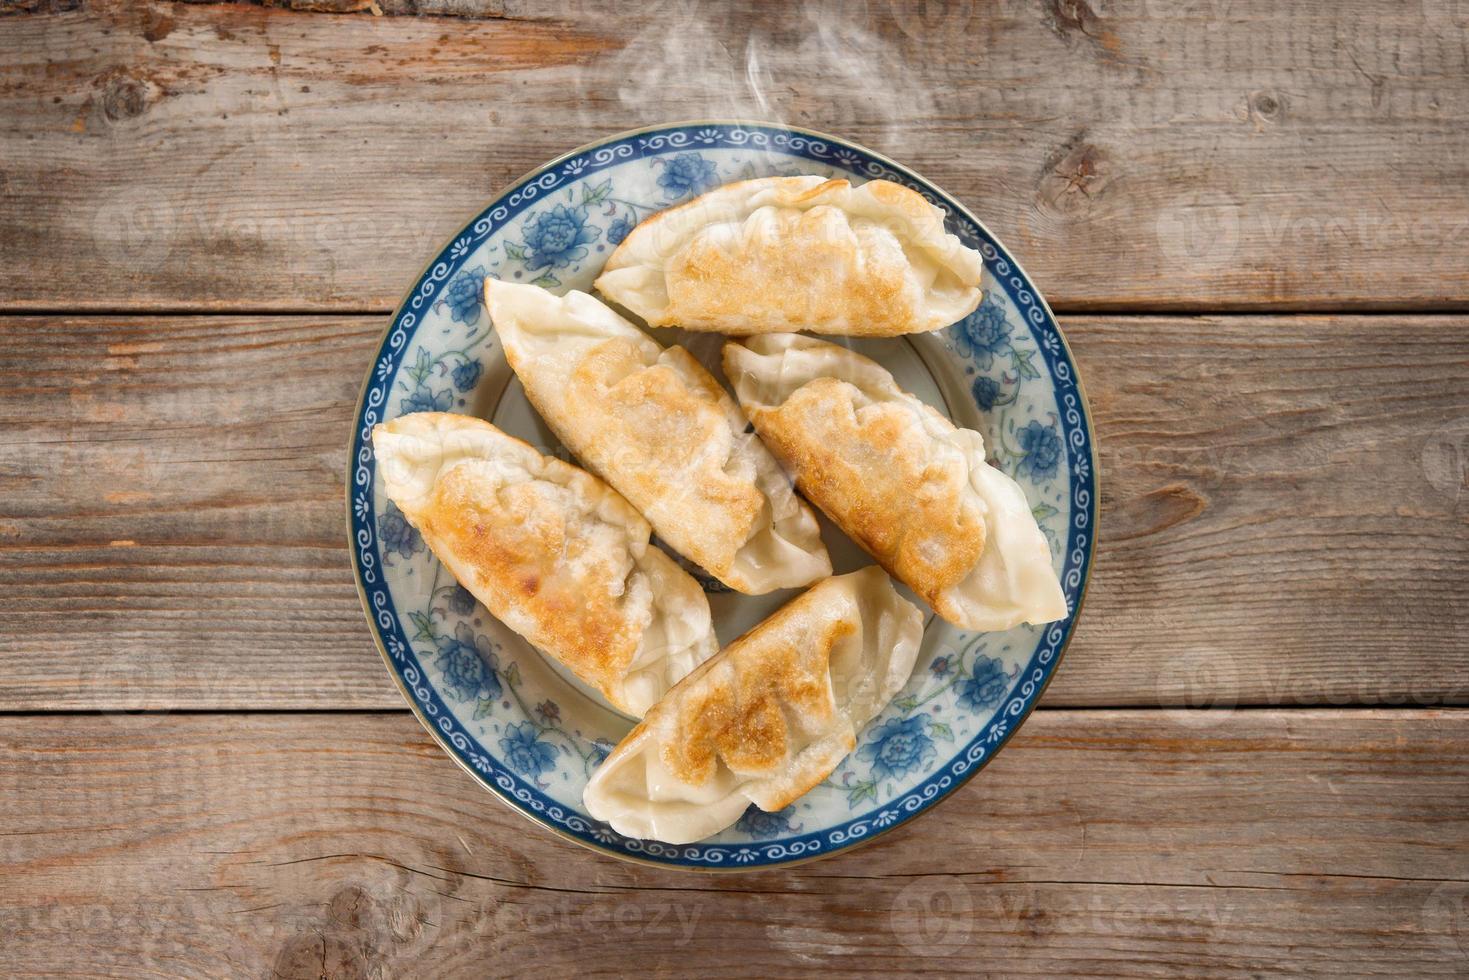 raviolis panés apéritifs asiatiques photo